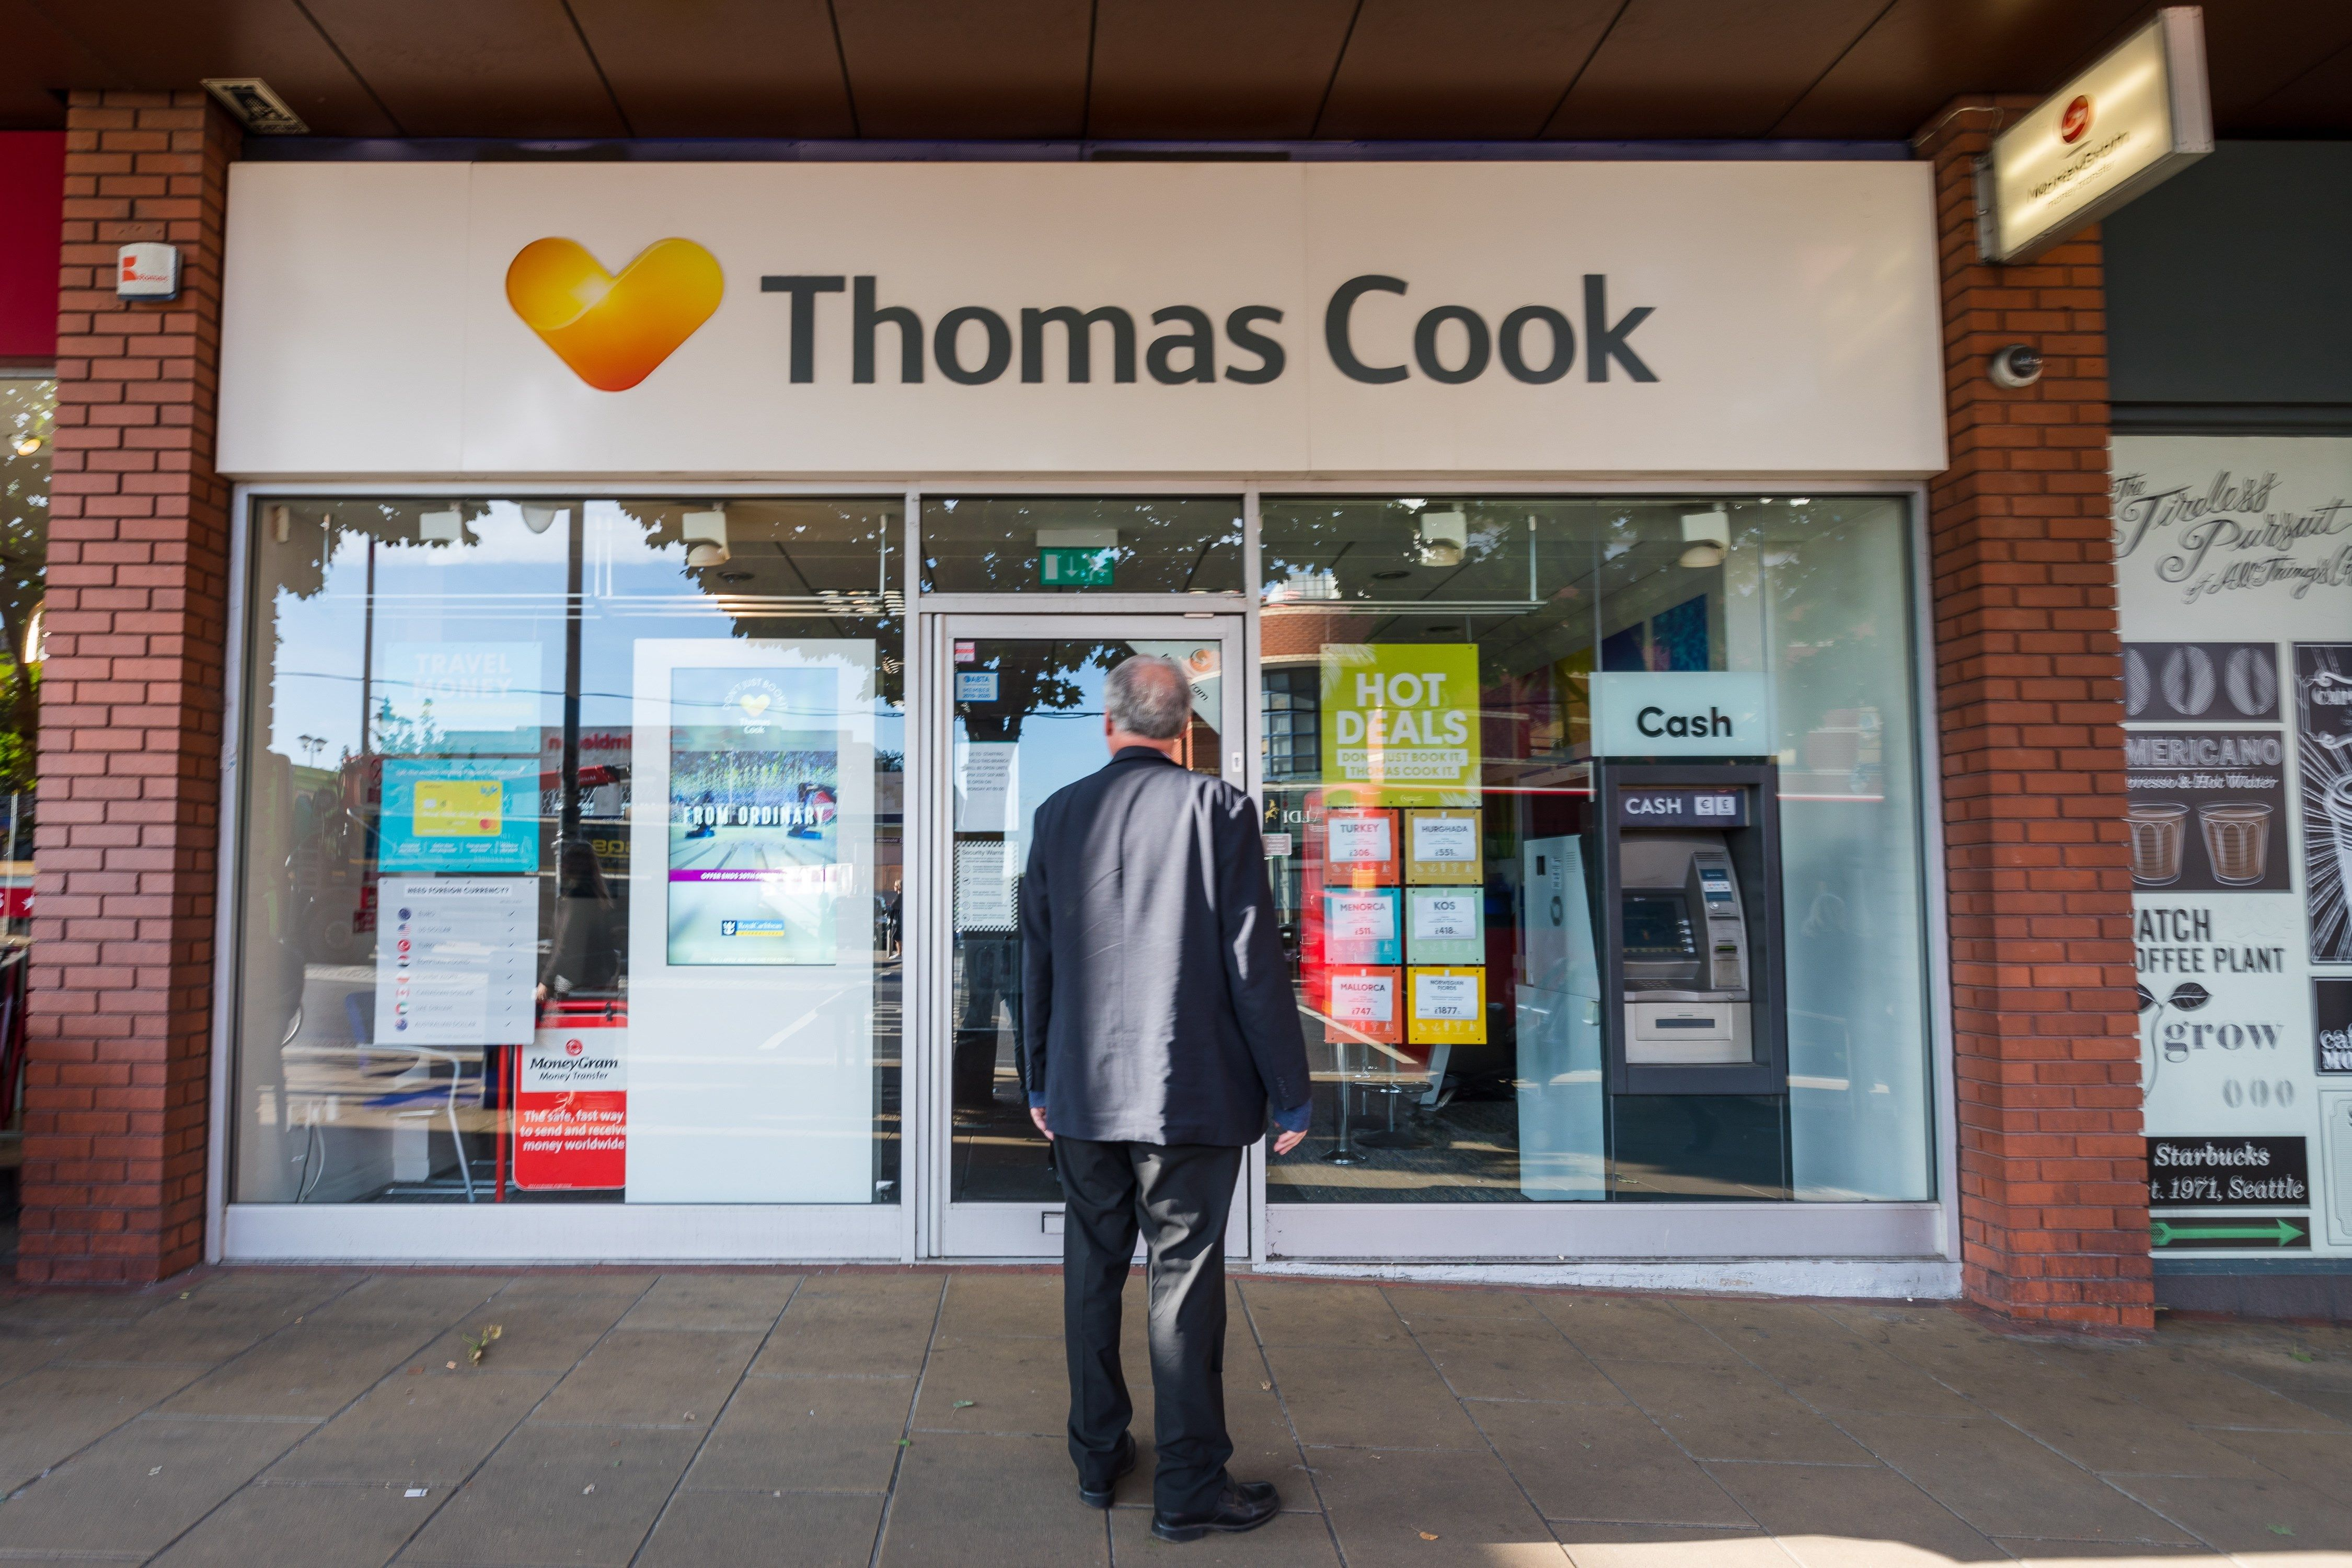 Quebró Thomas Cook, el operador turístico que inventó el all inclusive